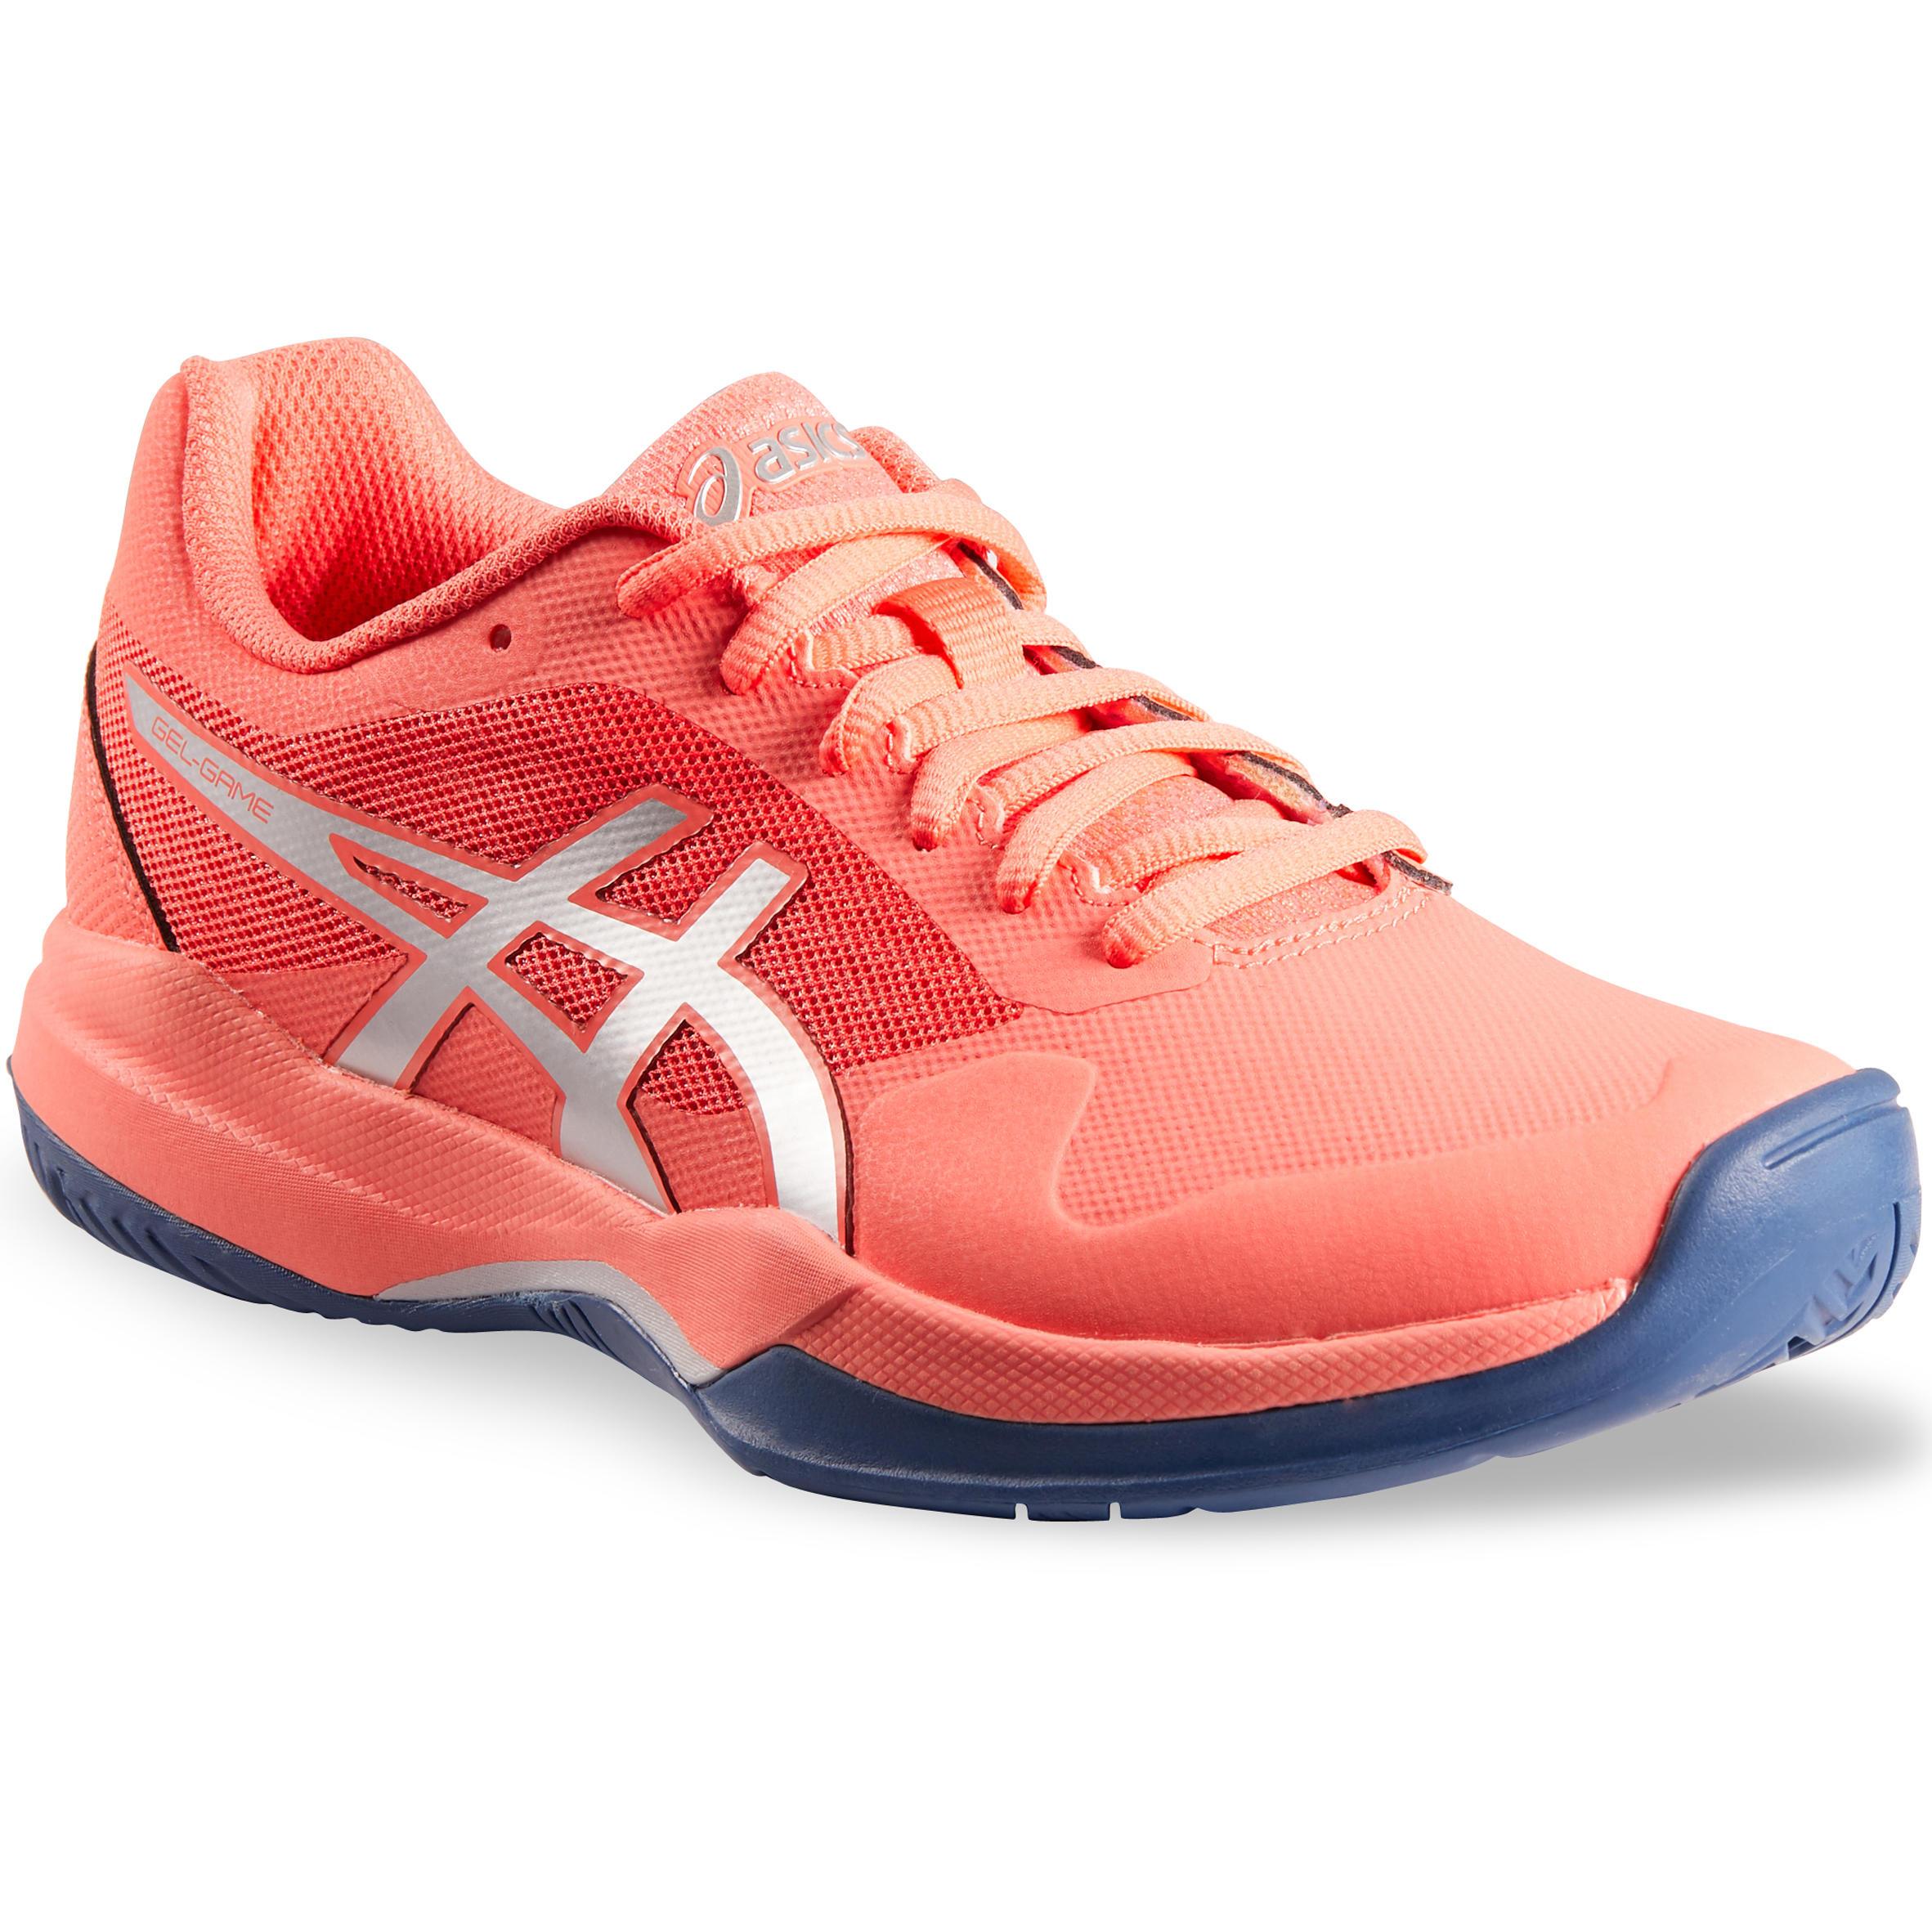 Comprar Zapatillas y calzado de tenis mujer online  38d1f75f988af